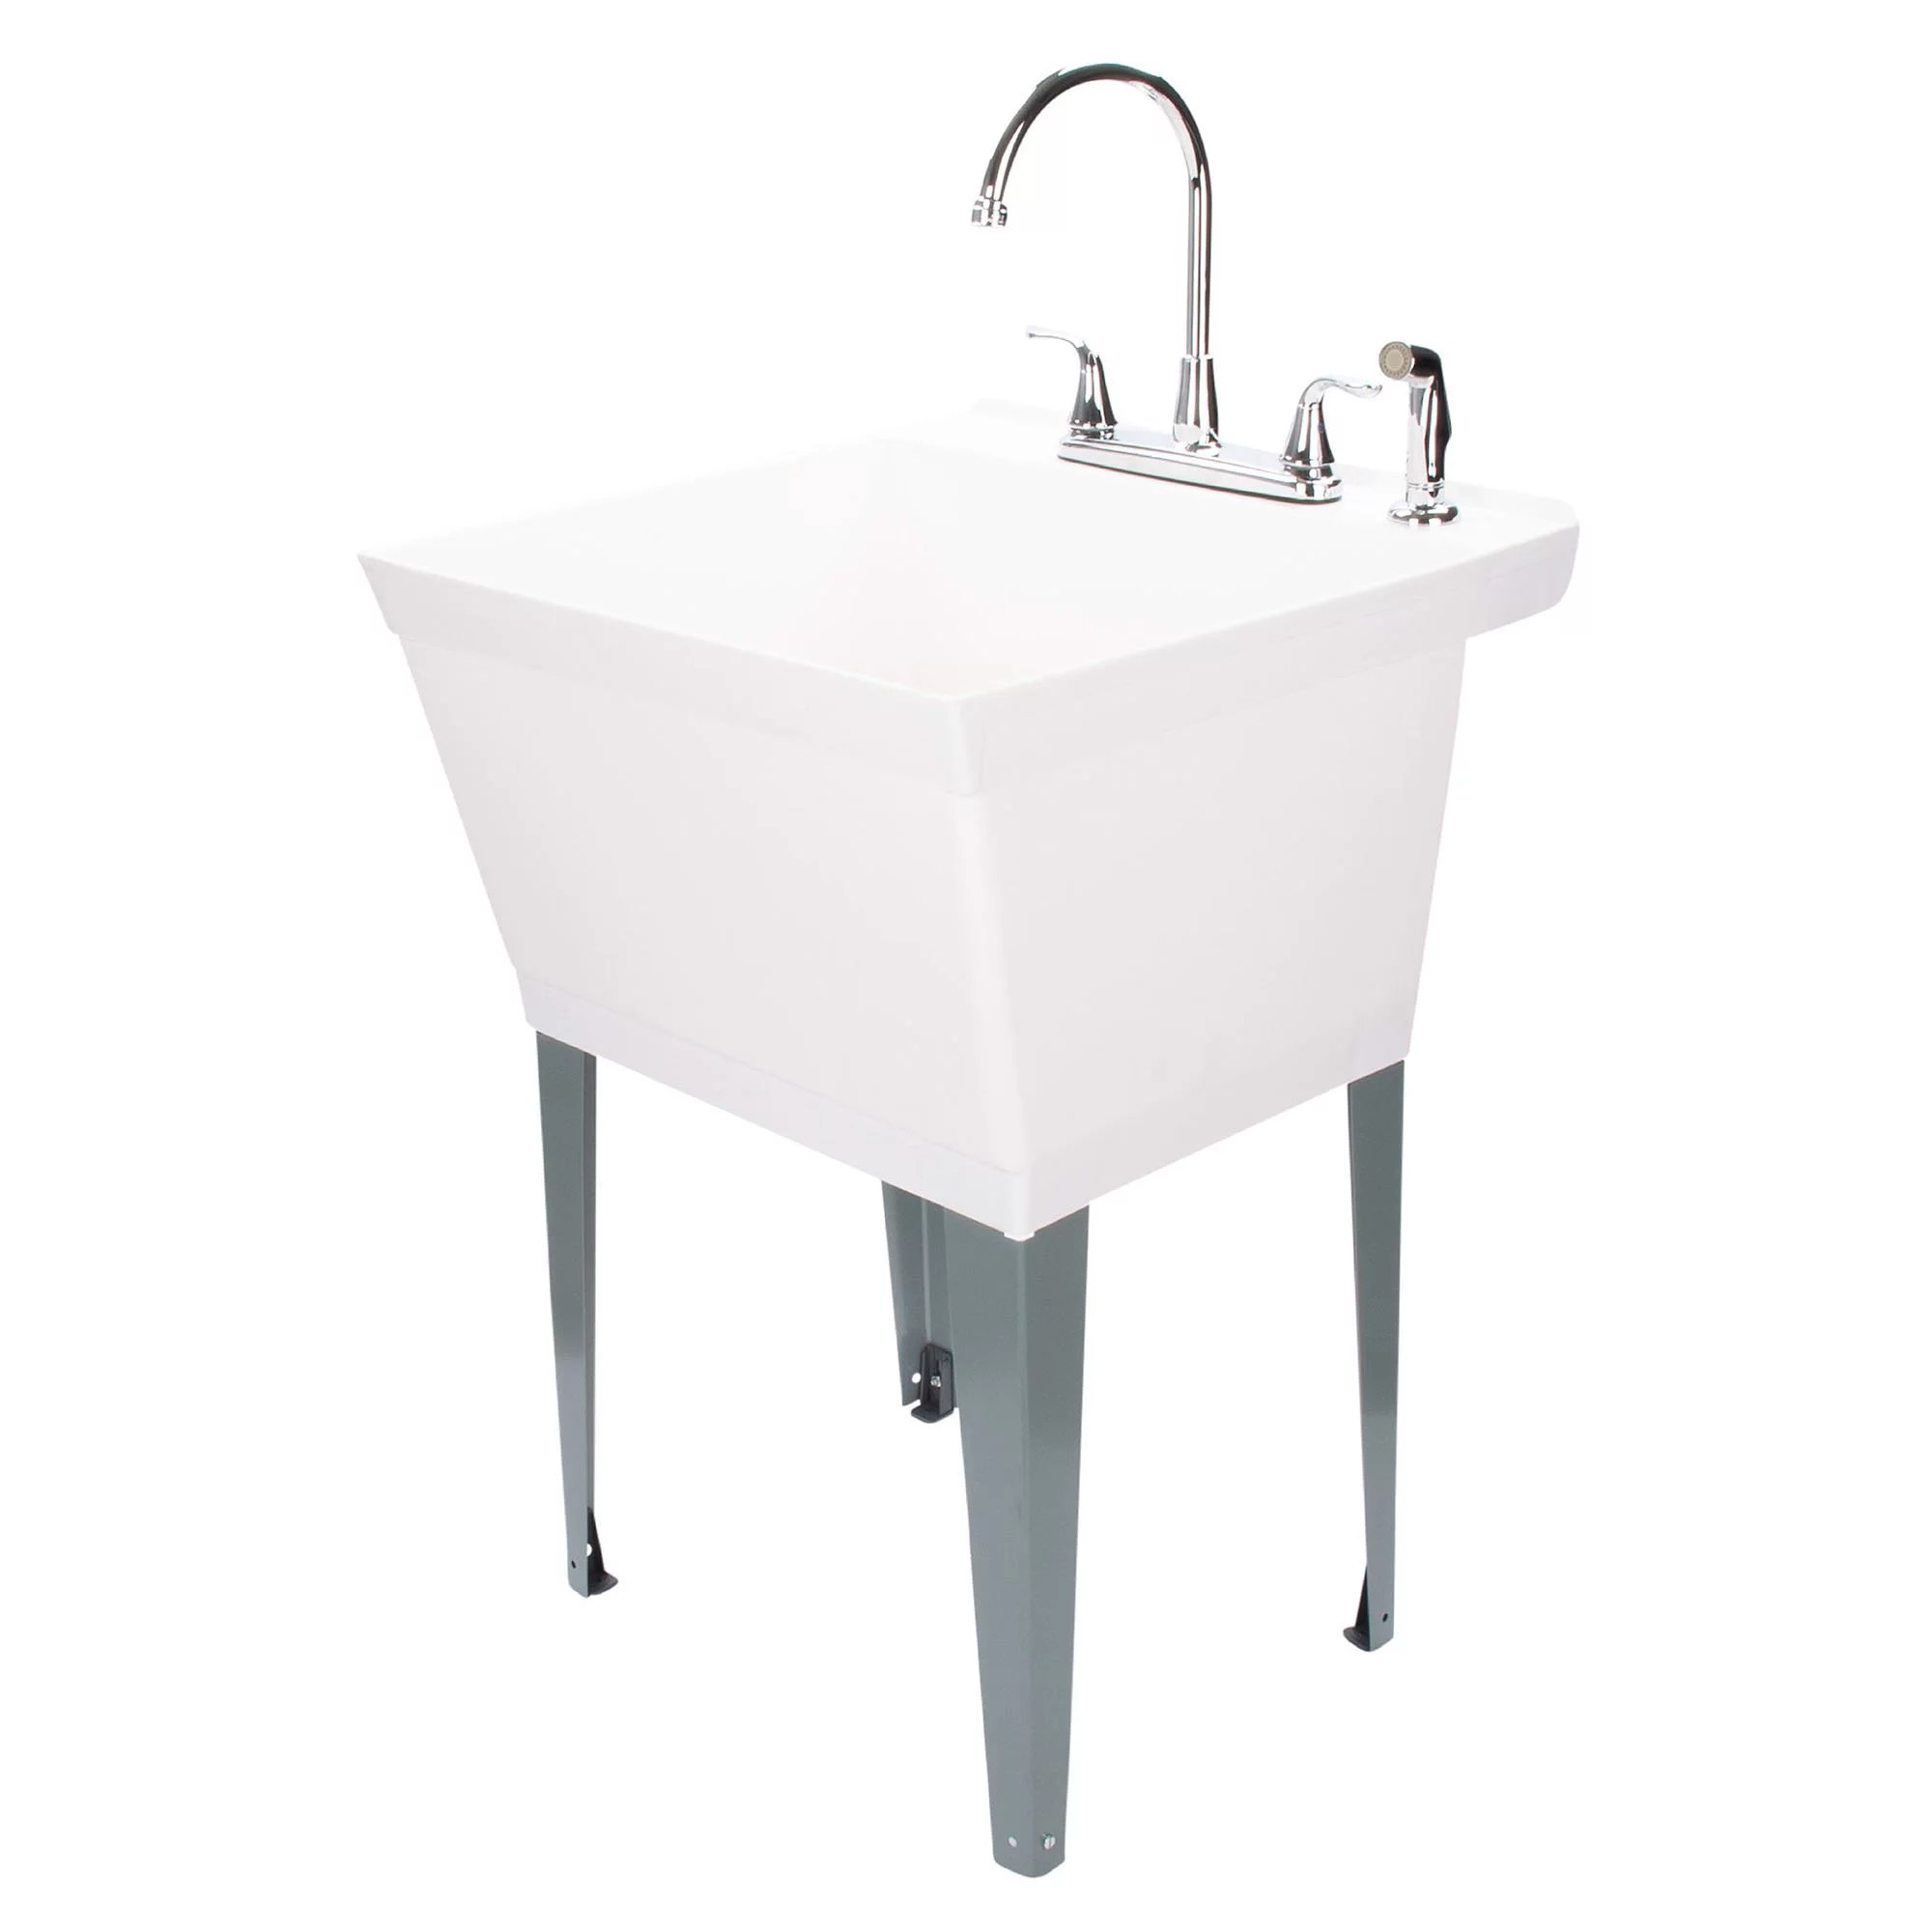 utility sinks walmart com